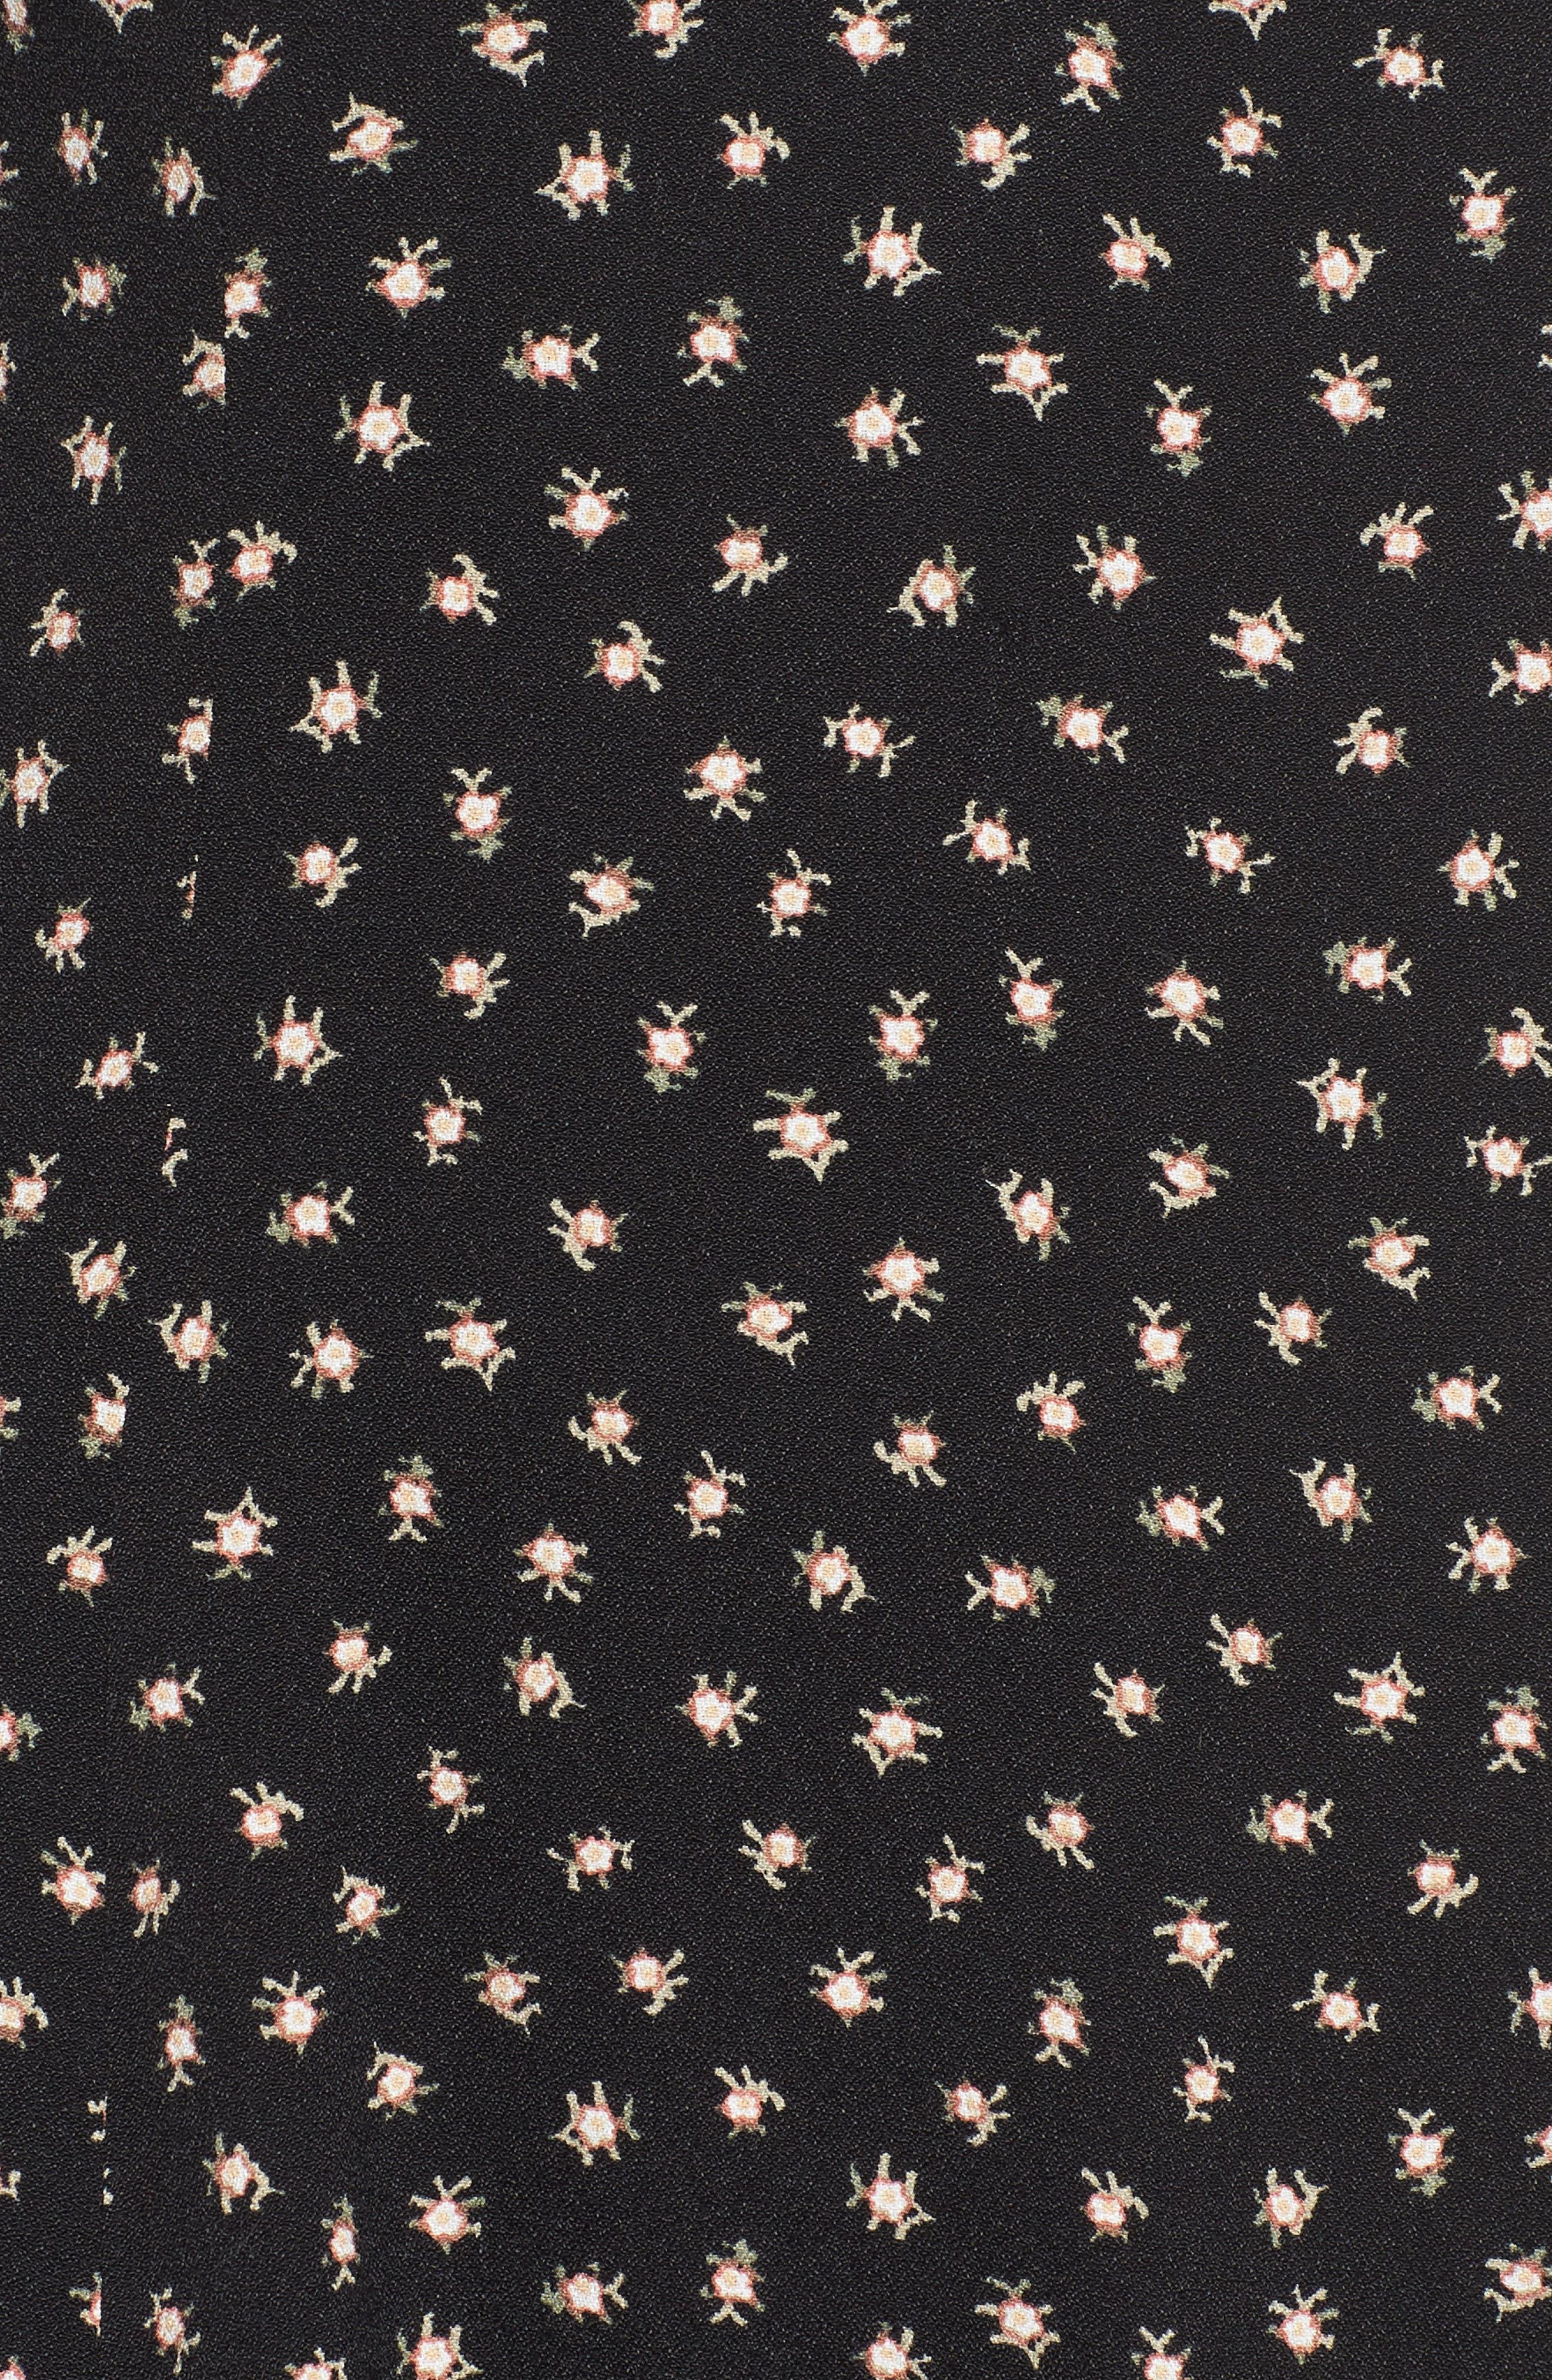 Roxanrie Minidress,                             Alternate thumbnail 6, color,                             NOIR BLOSSOM